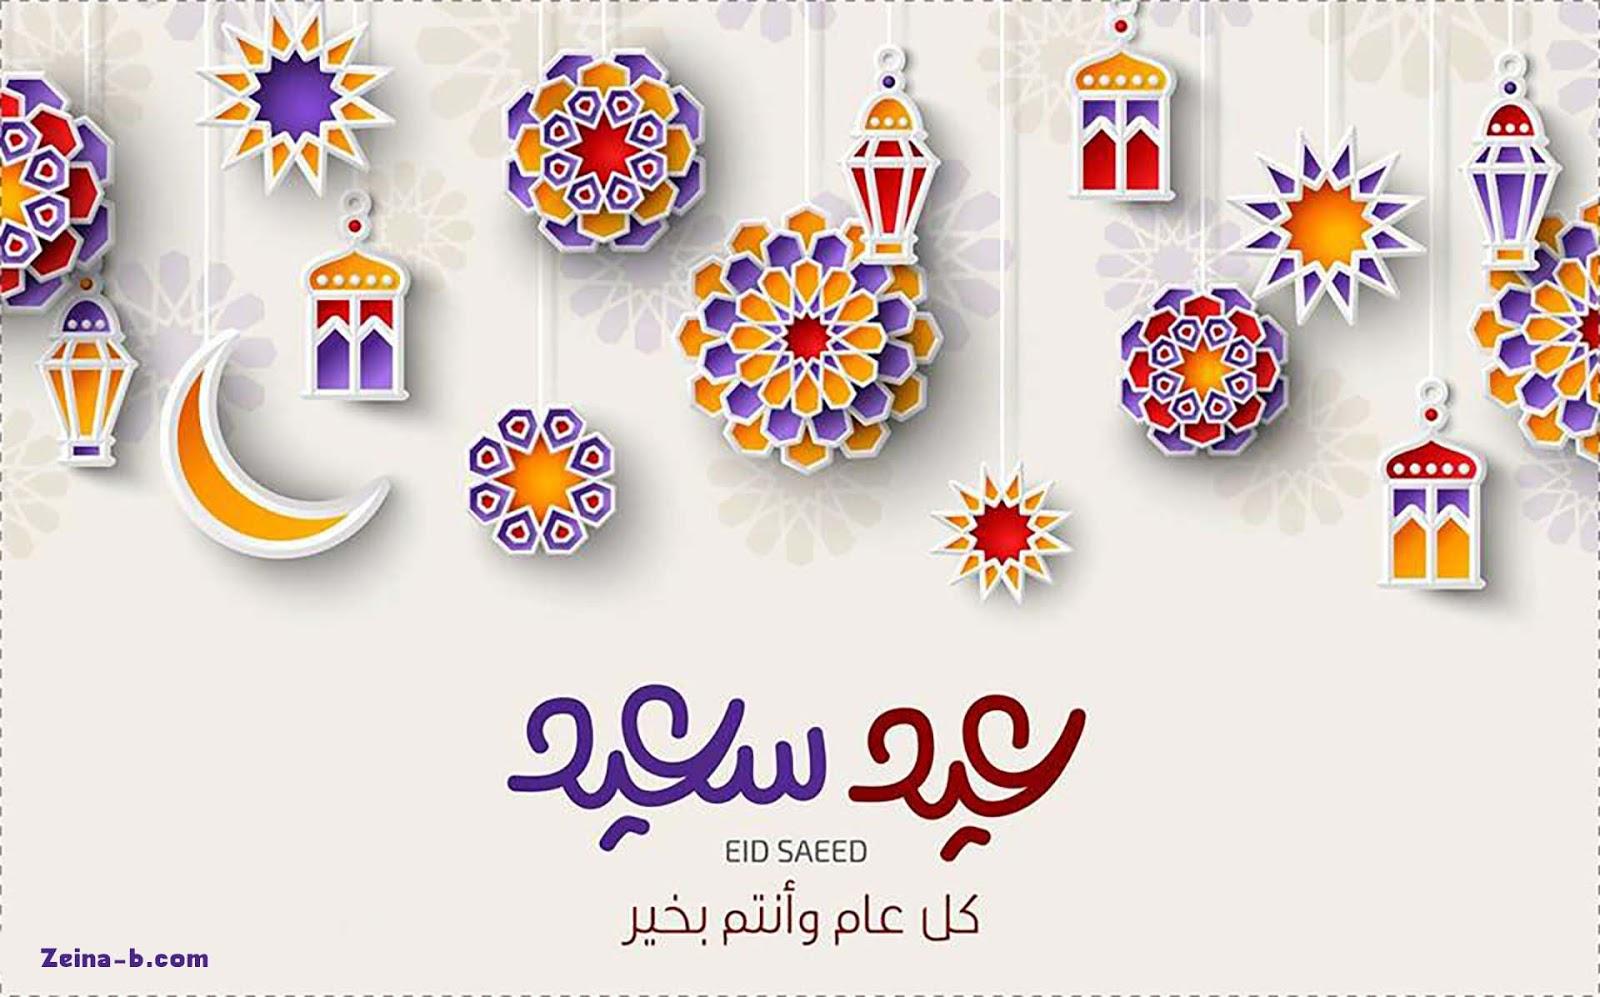 صور عيد سعيد ٢٠٢٠ صور العيد السعيد زينه